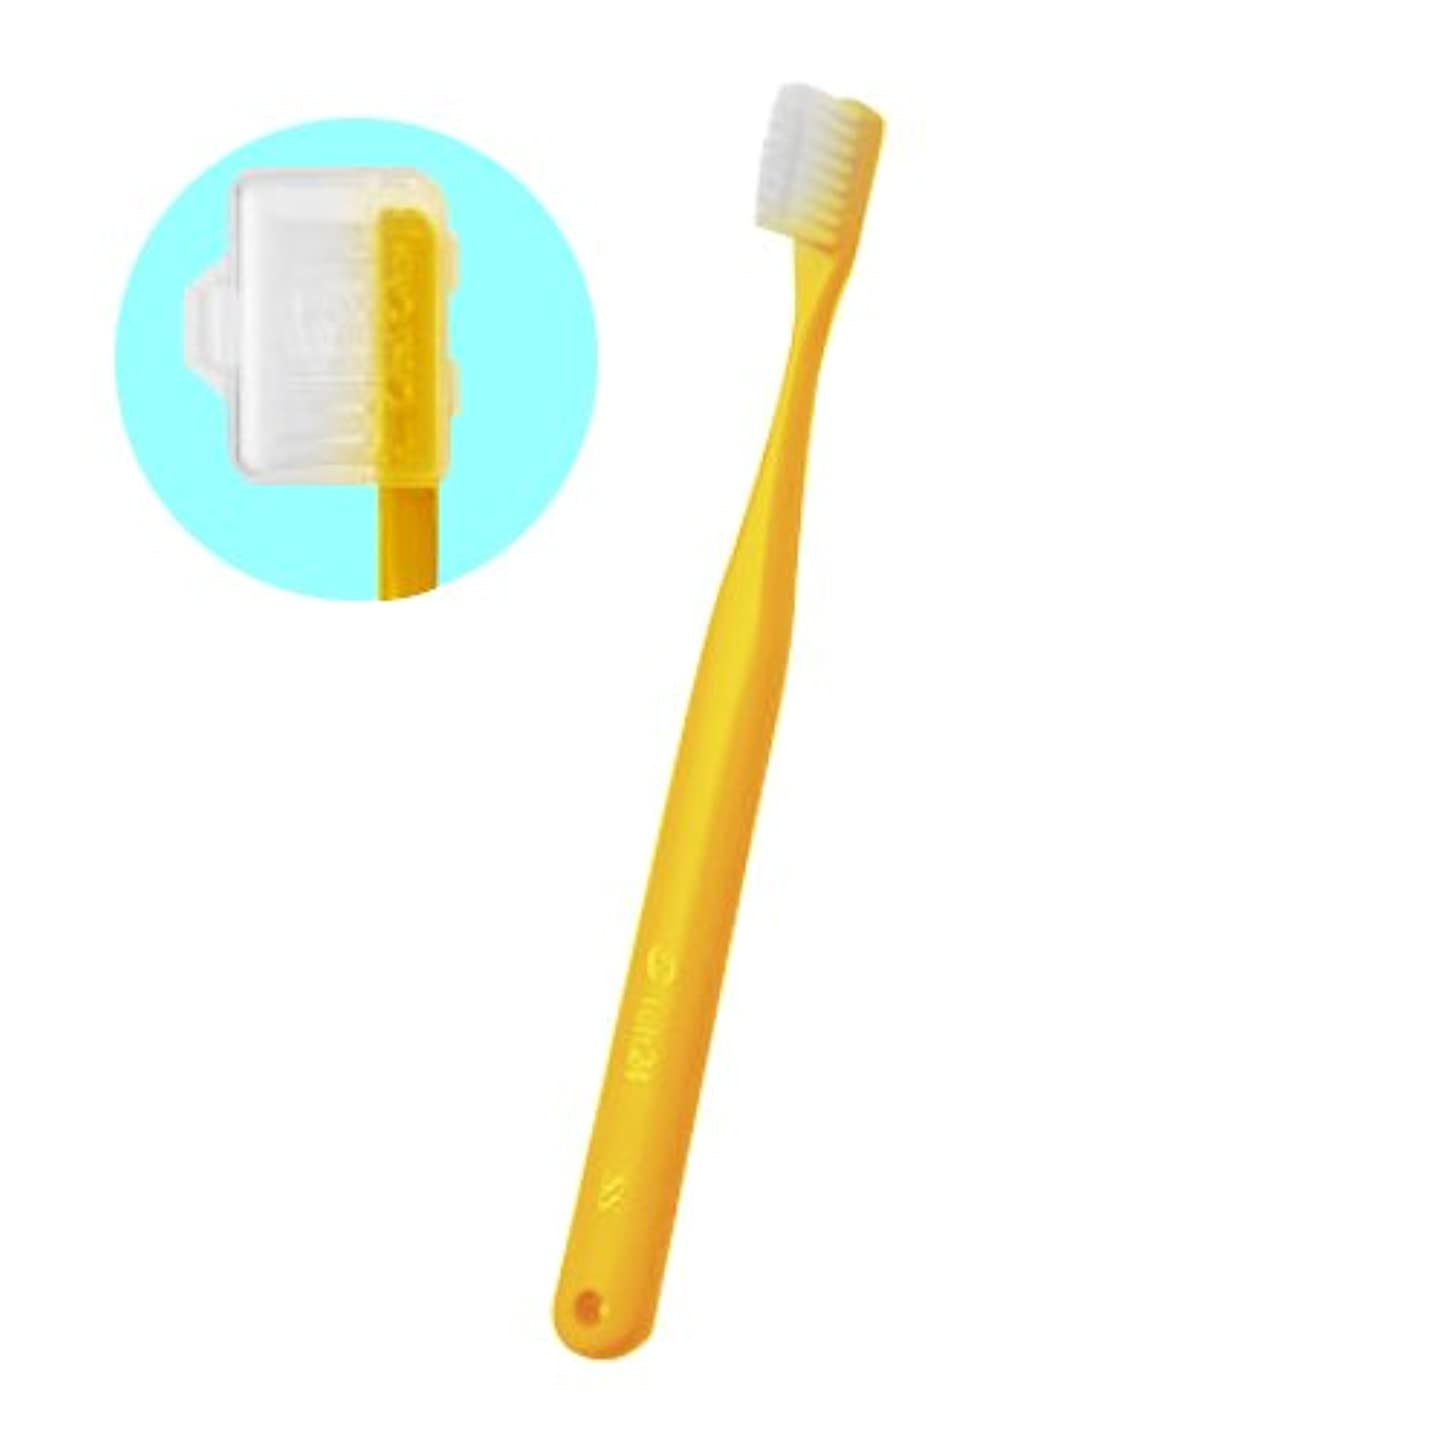 豊かな倉庫リテラシーオーラルケア キャップ付き タフト 24 歯ブラシ エクストラスーパーソフト 1本 (イエロー)